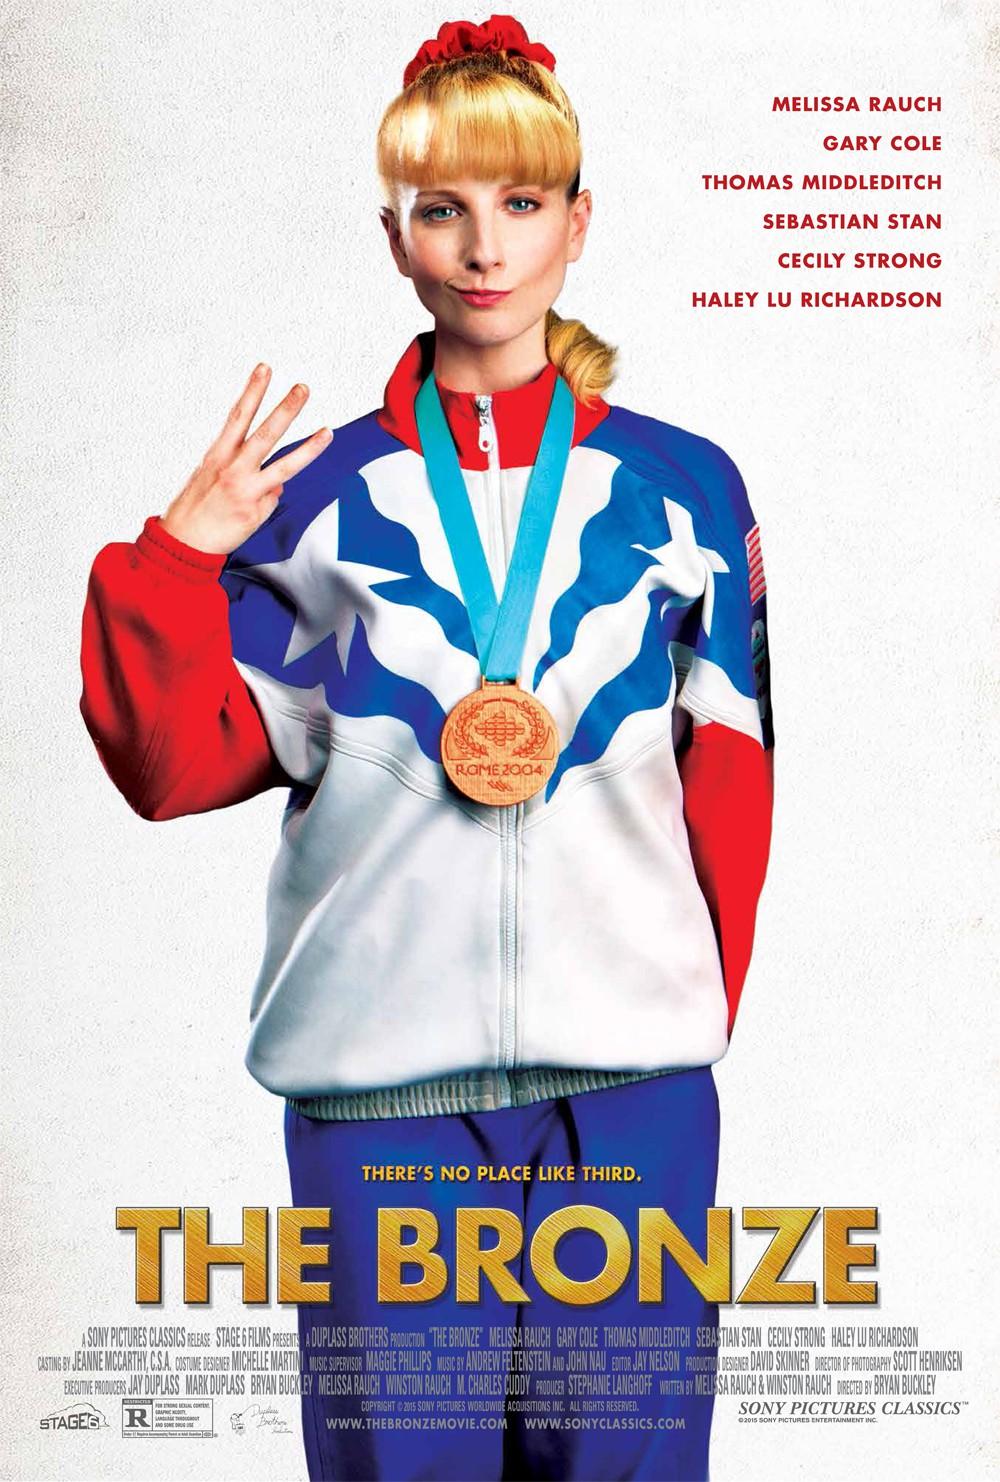 """문제 있는 올림픽 체조 선수를 다룬 이야기, """"The Br.."""